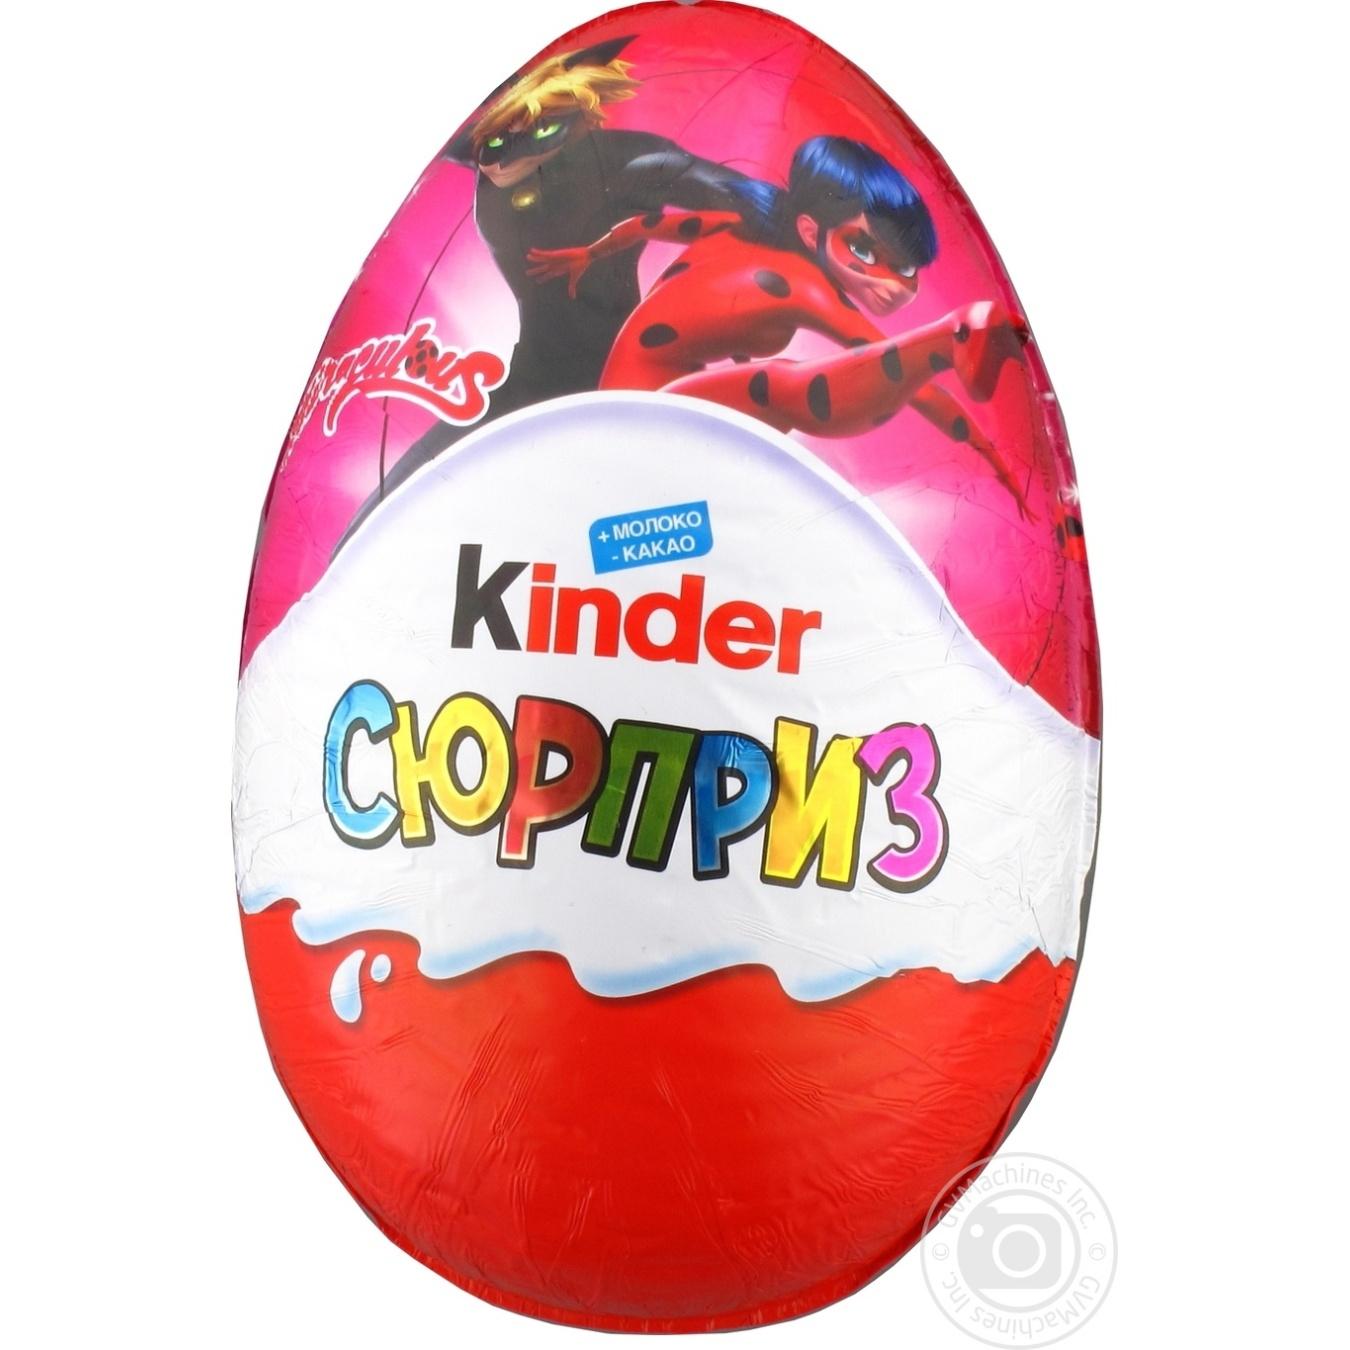 Купить Інші солодощі, Яйце з молочного шоколаду Kinder Сюрприз Максі з іграшкою для дівчаток 220г